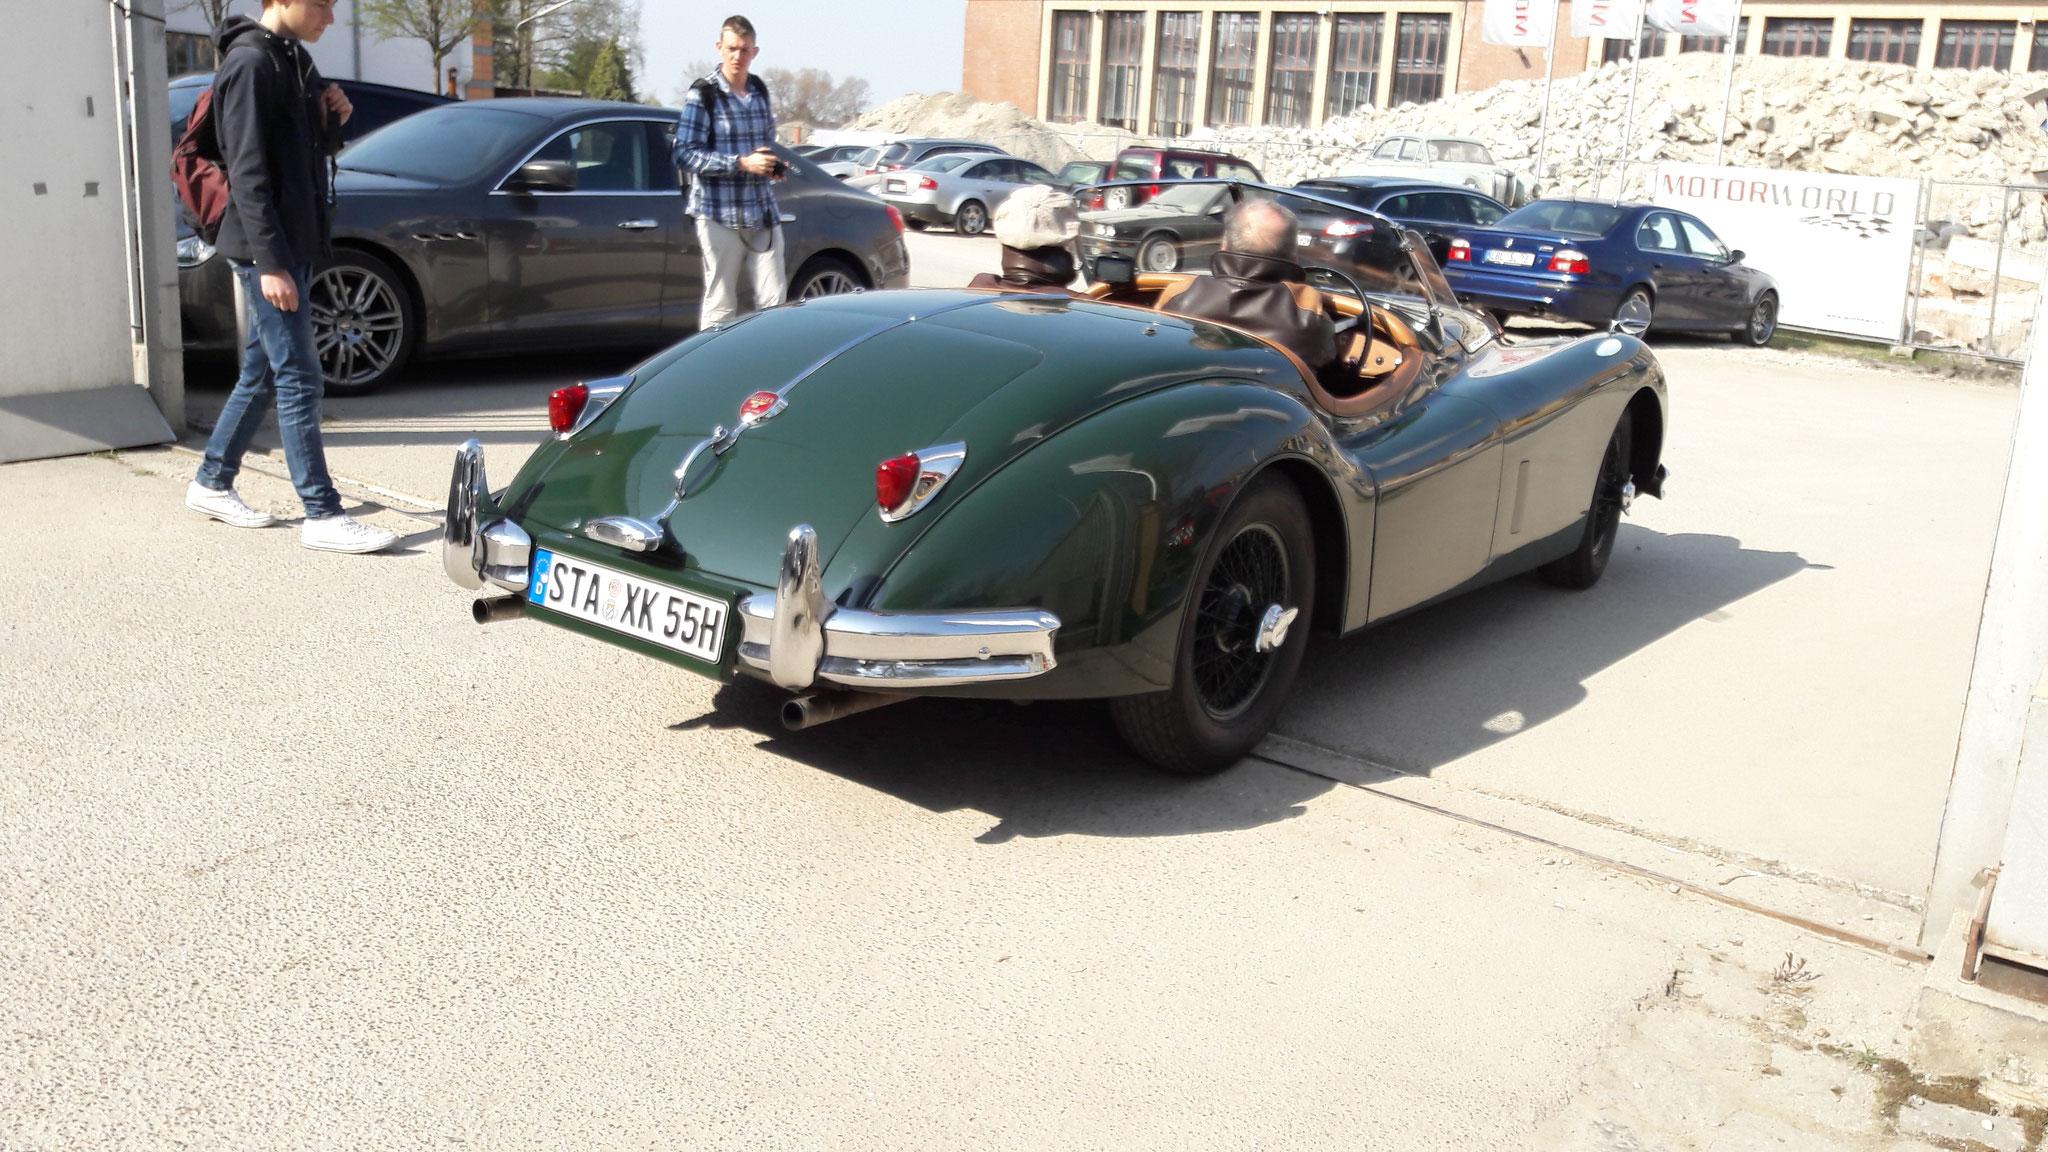 Jaguar XK 140 Cabrio - STA-XK-55H